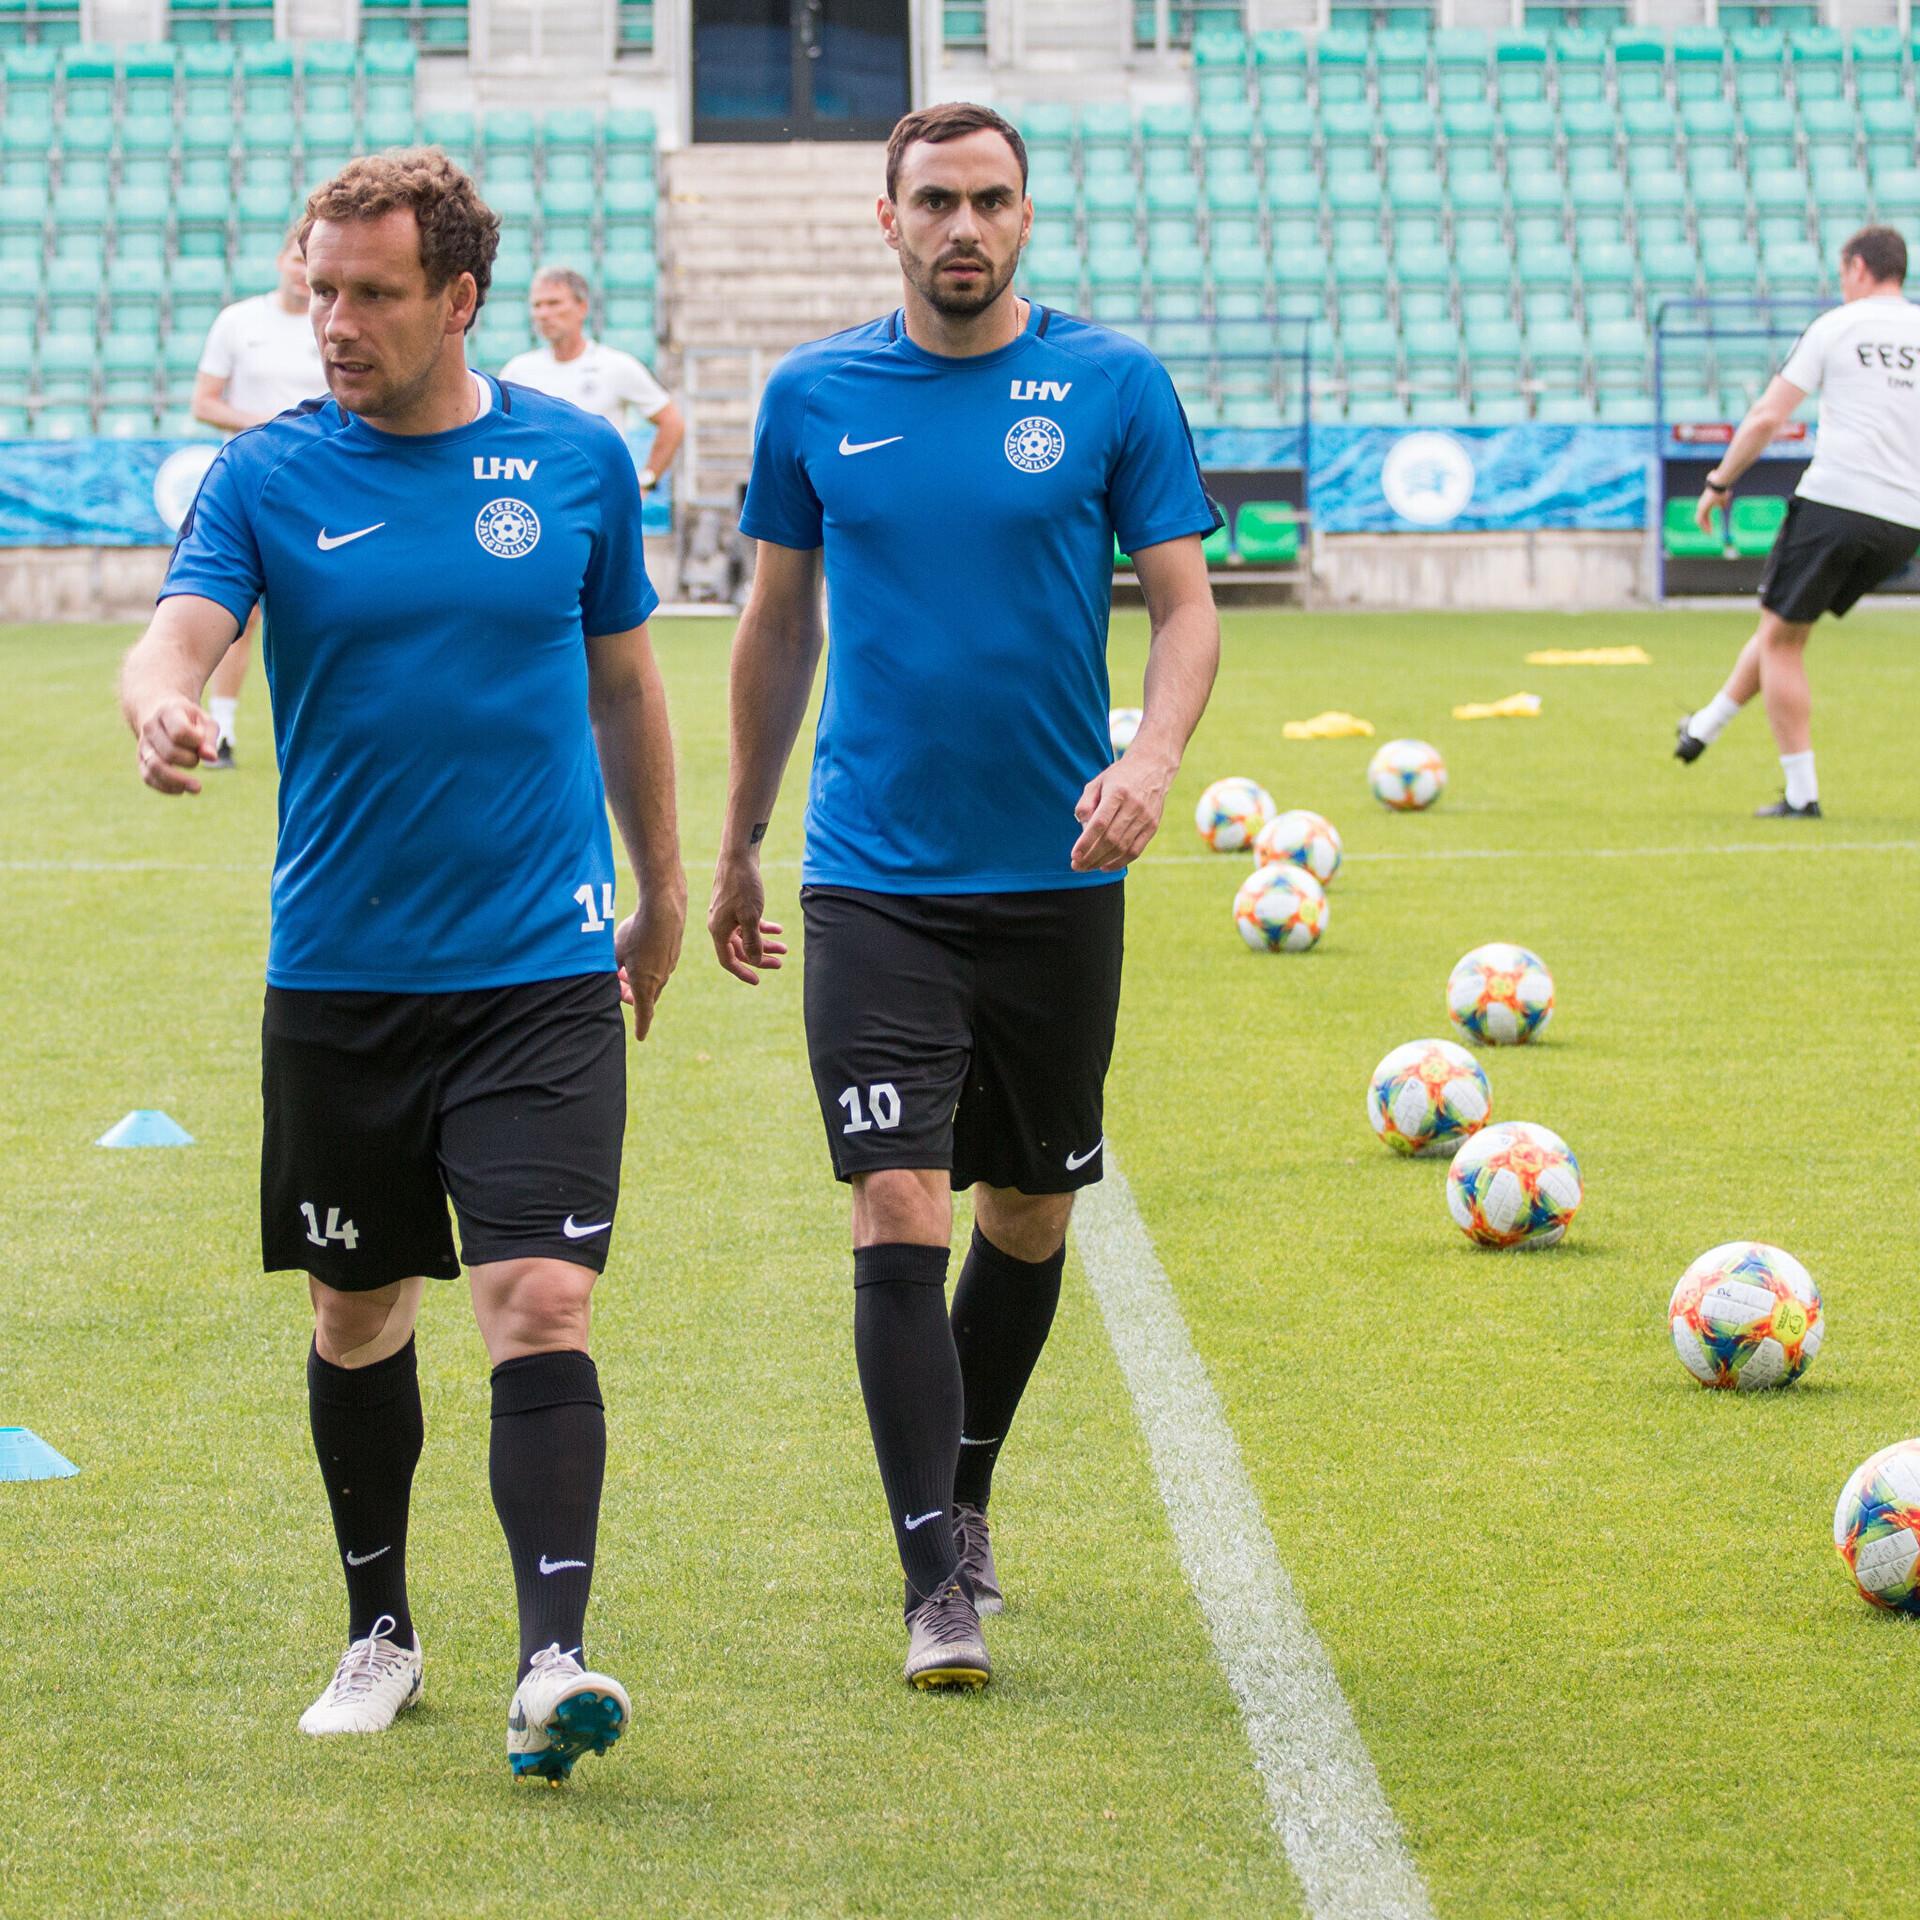 9bcc95c0d69 Eesti – Saksamaa kohtumisele on saadaval veel 2500 piletit | Jalgpalli  Eesti koondis | ERR